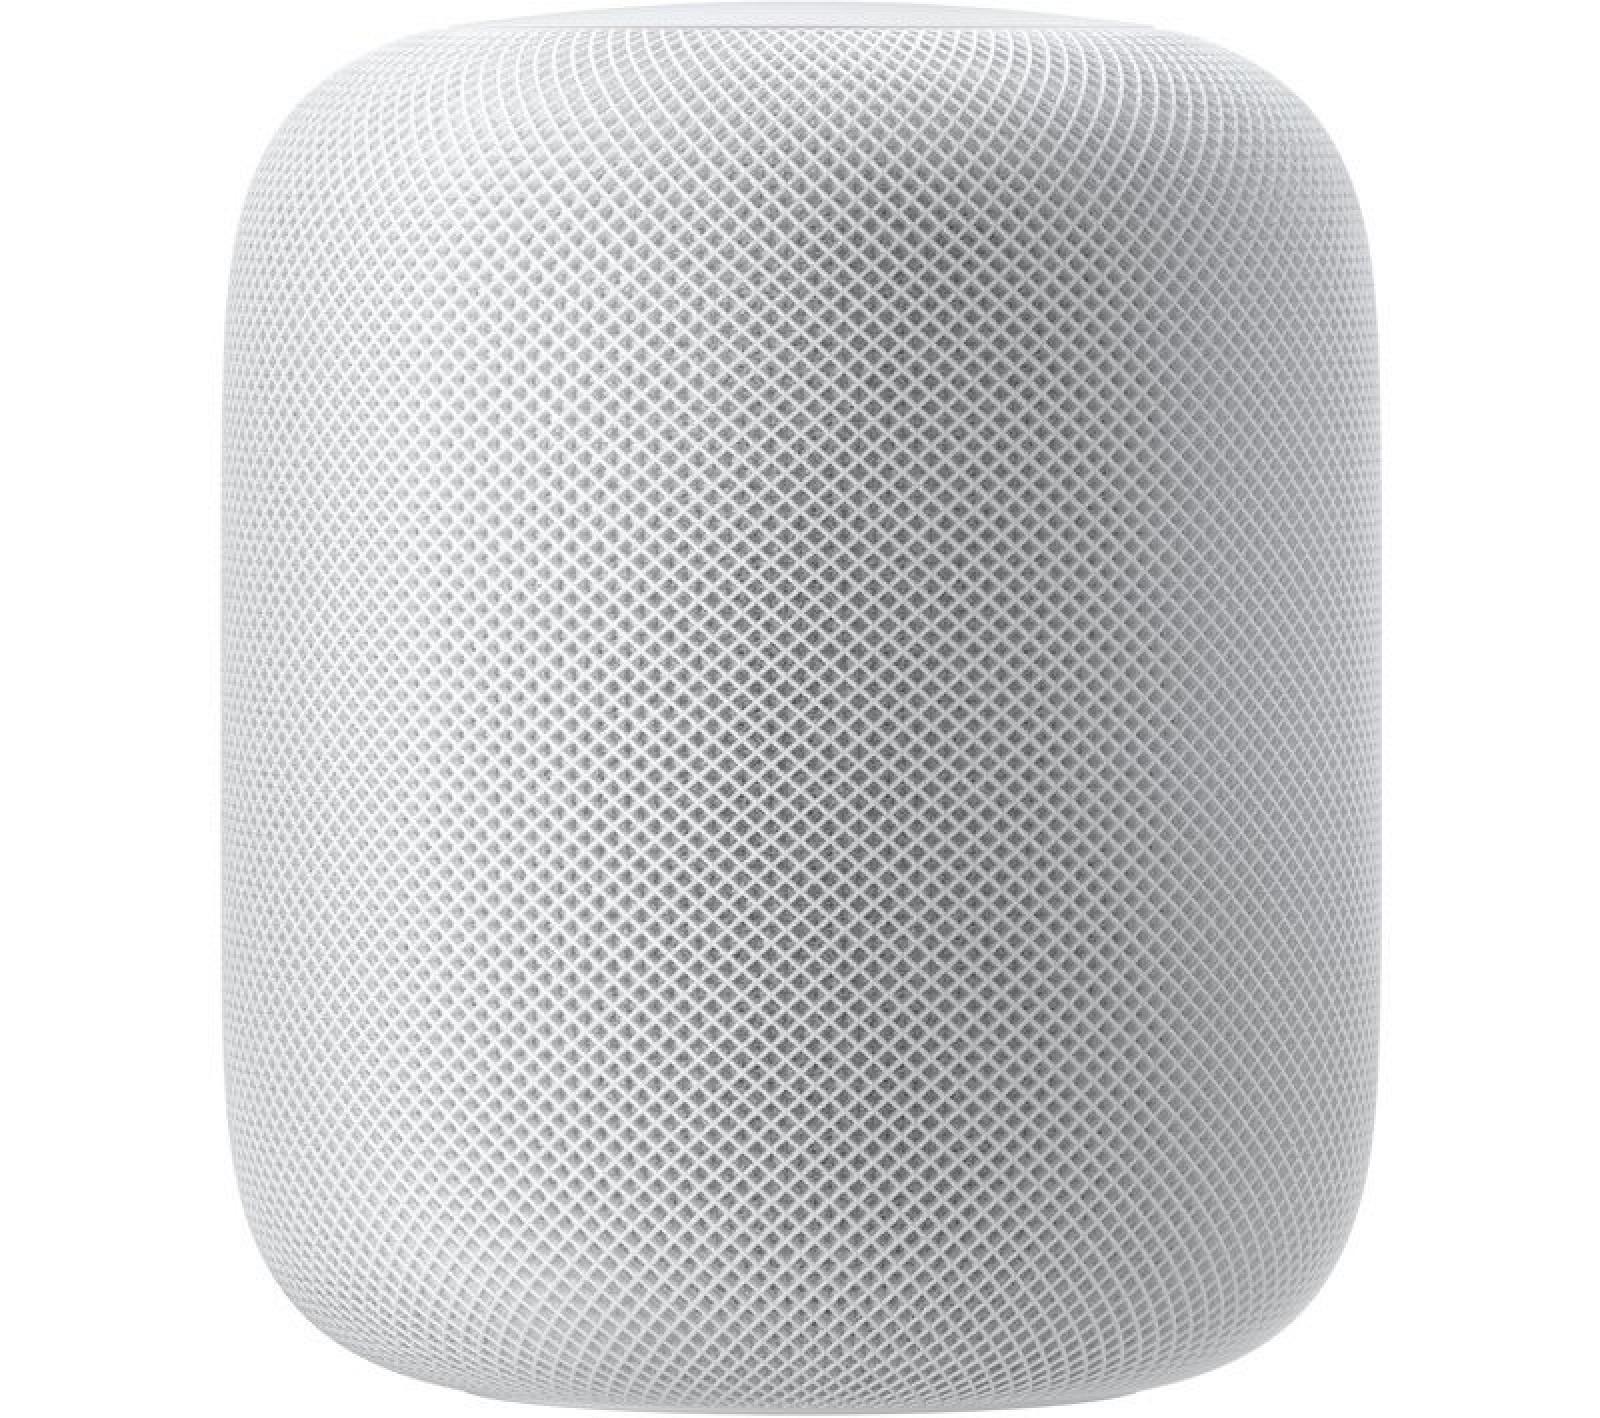 HomePod: Apple's Smart Speaker, Now Available